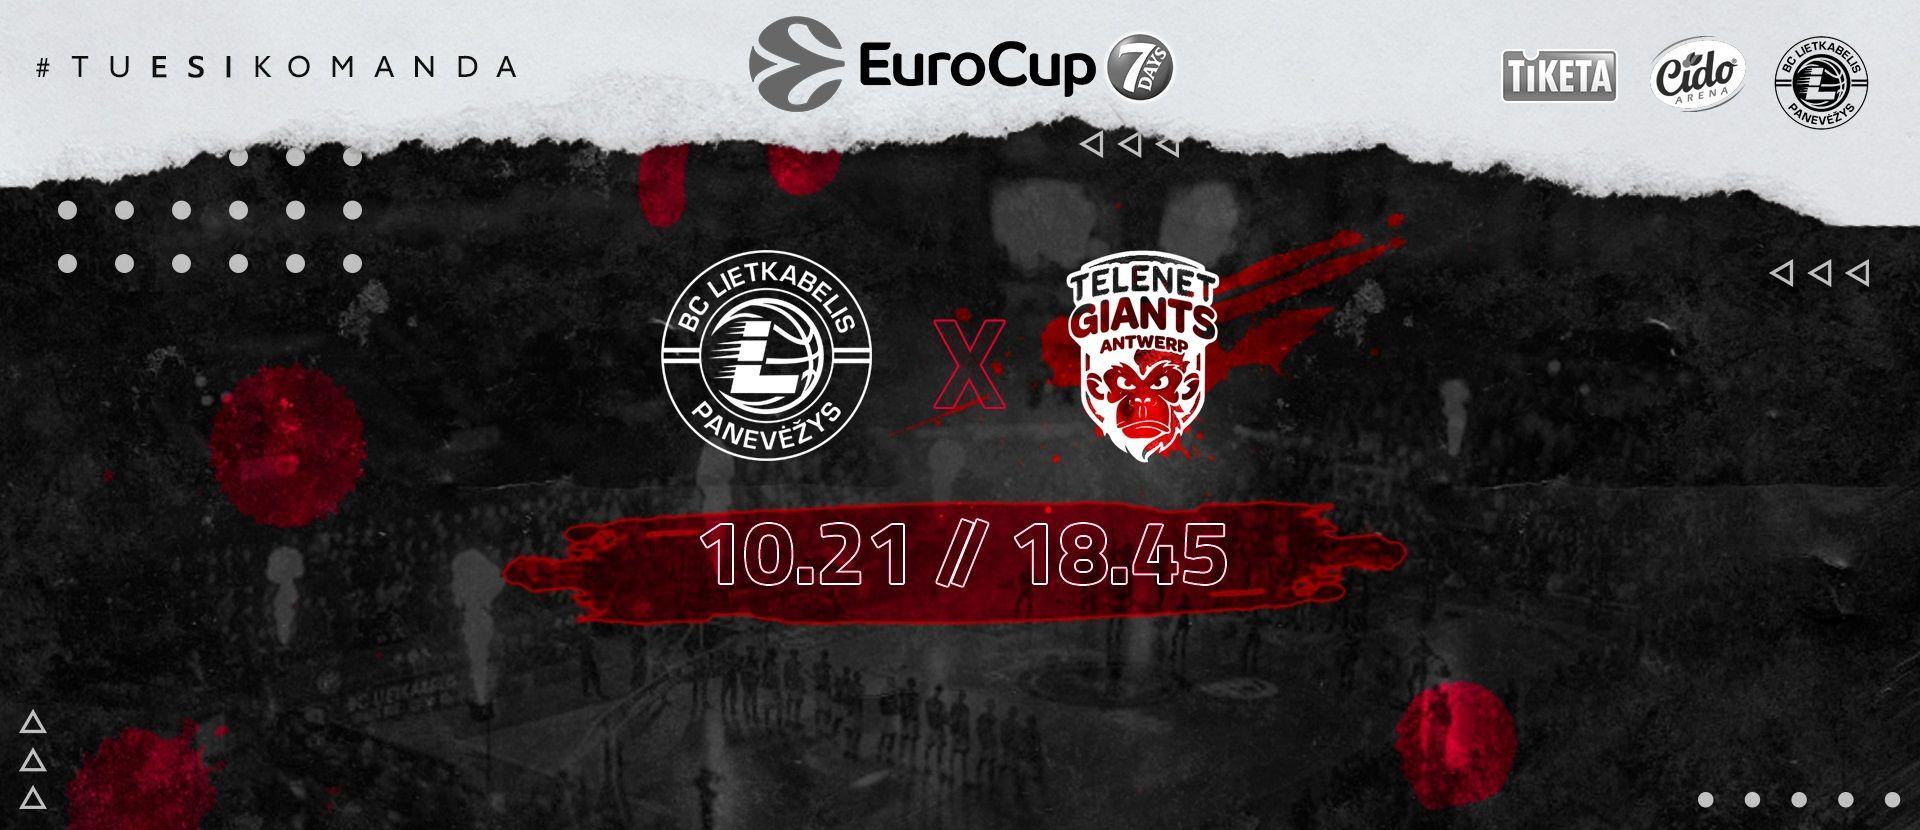 """7 DAYS EUROCUP rungtynės: Panevėžio """"Lietkabelis"""" - Antverpeno """"Giants"""""""